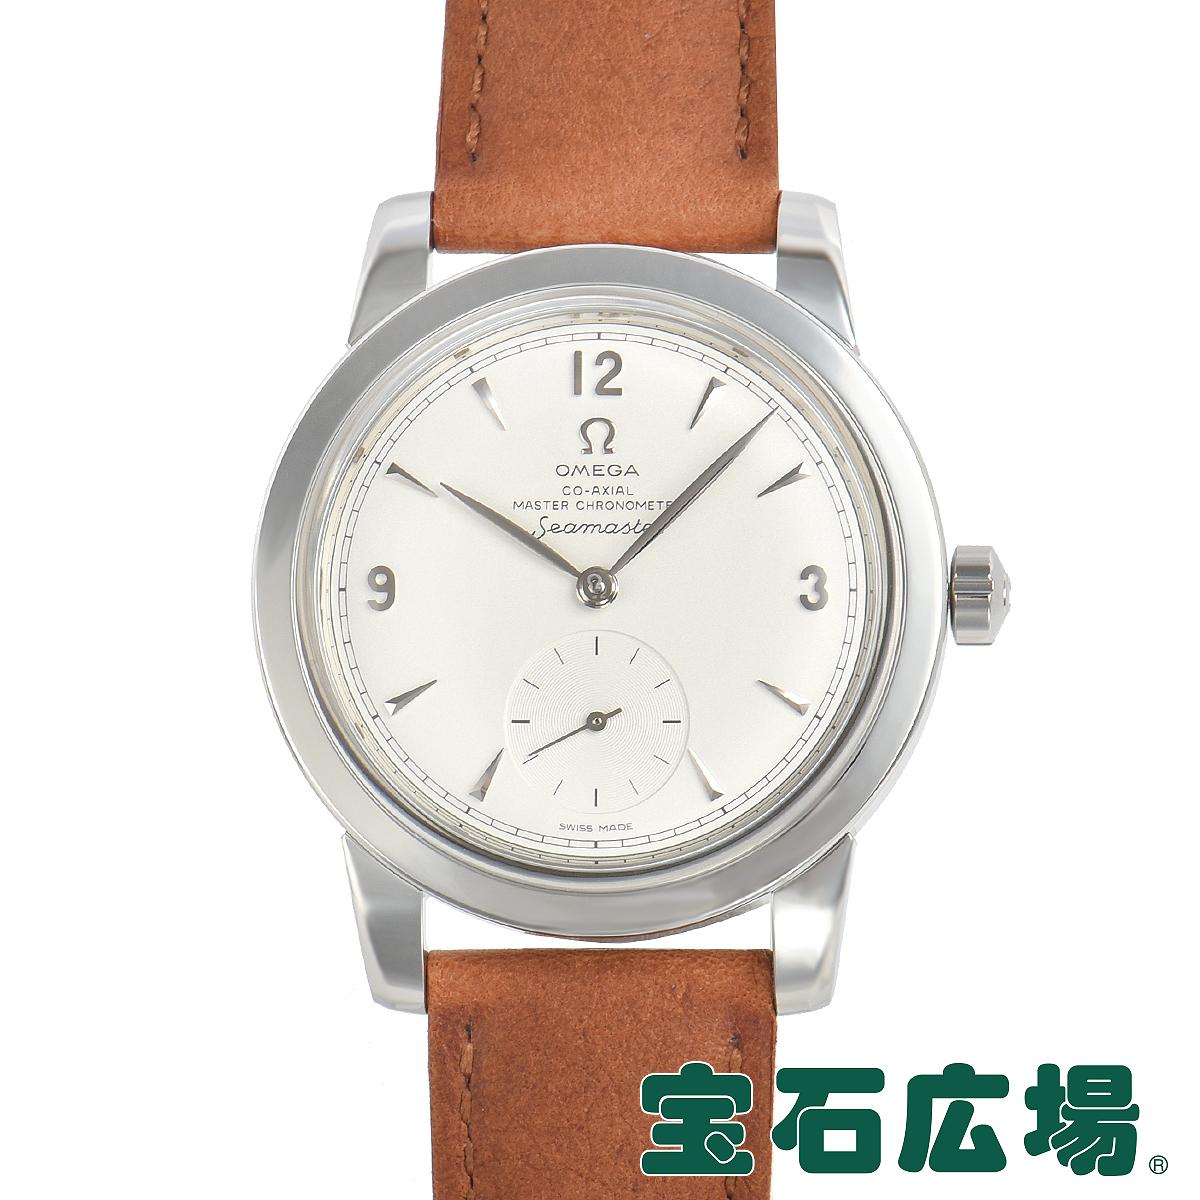 オメガ OMEGA シーマスター1948 コーアクシャル マスタークロノメーター スモールセコンド 世界限定1948本 511.12.38.20.02.001【新品】メンズ 腕時計 送料・代引手数料無料